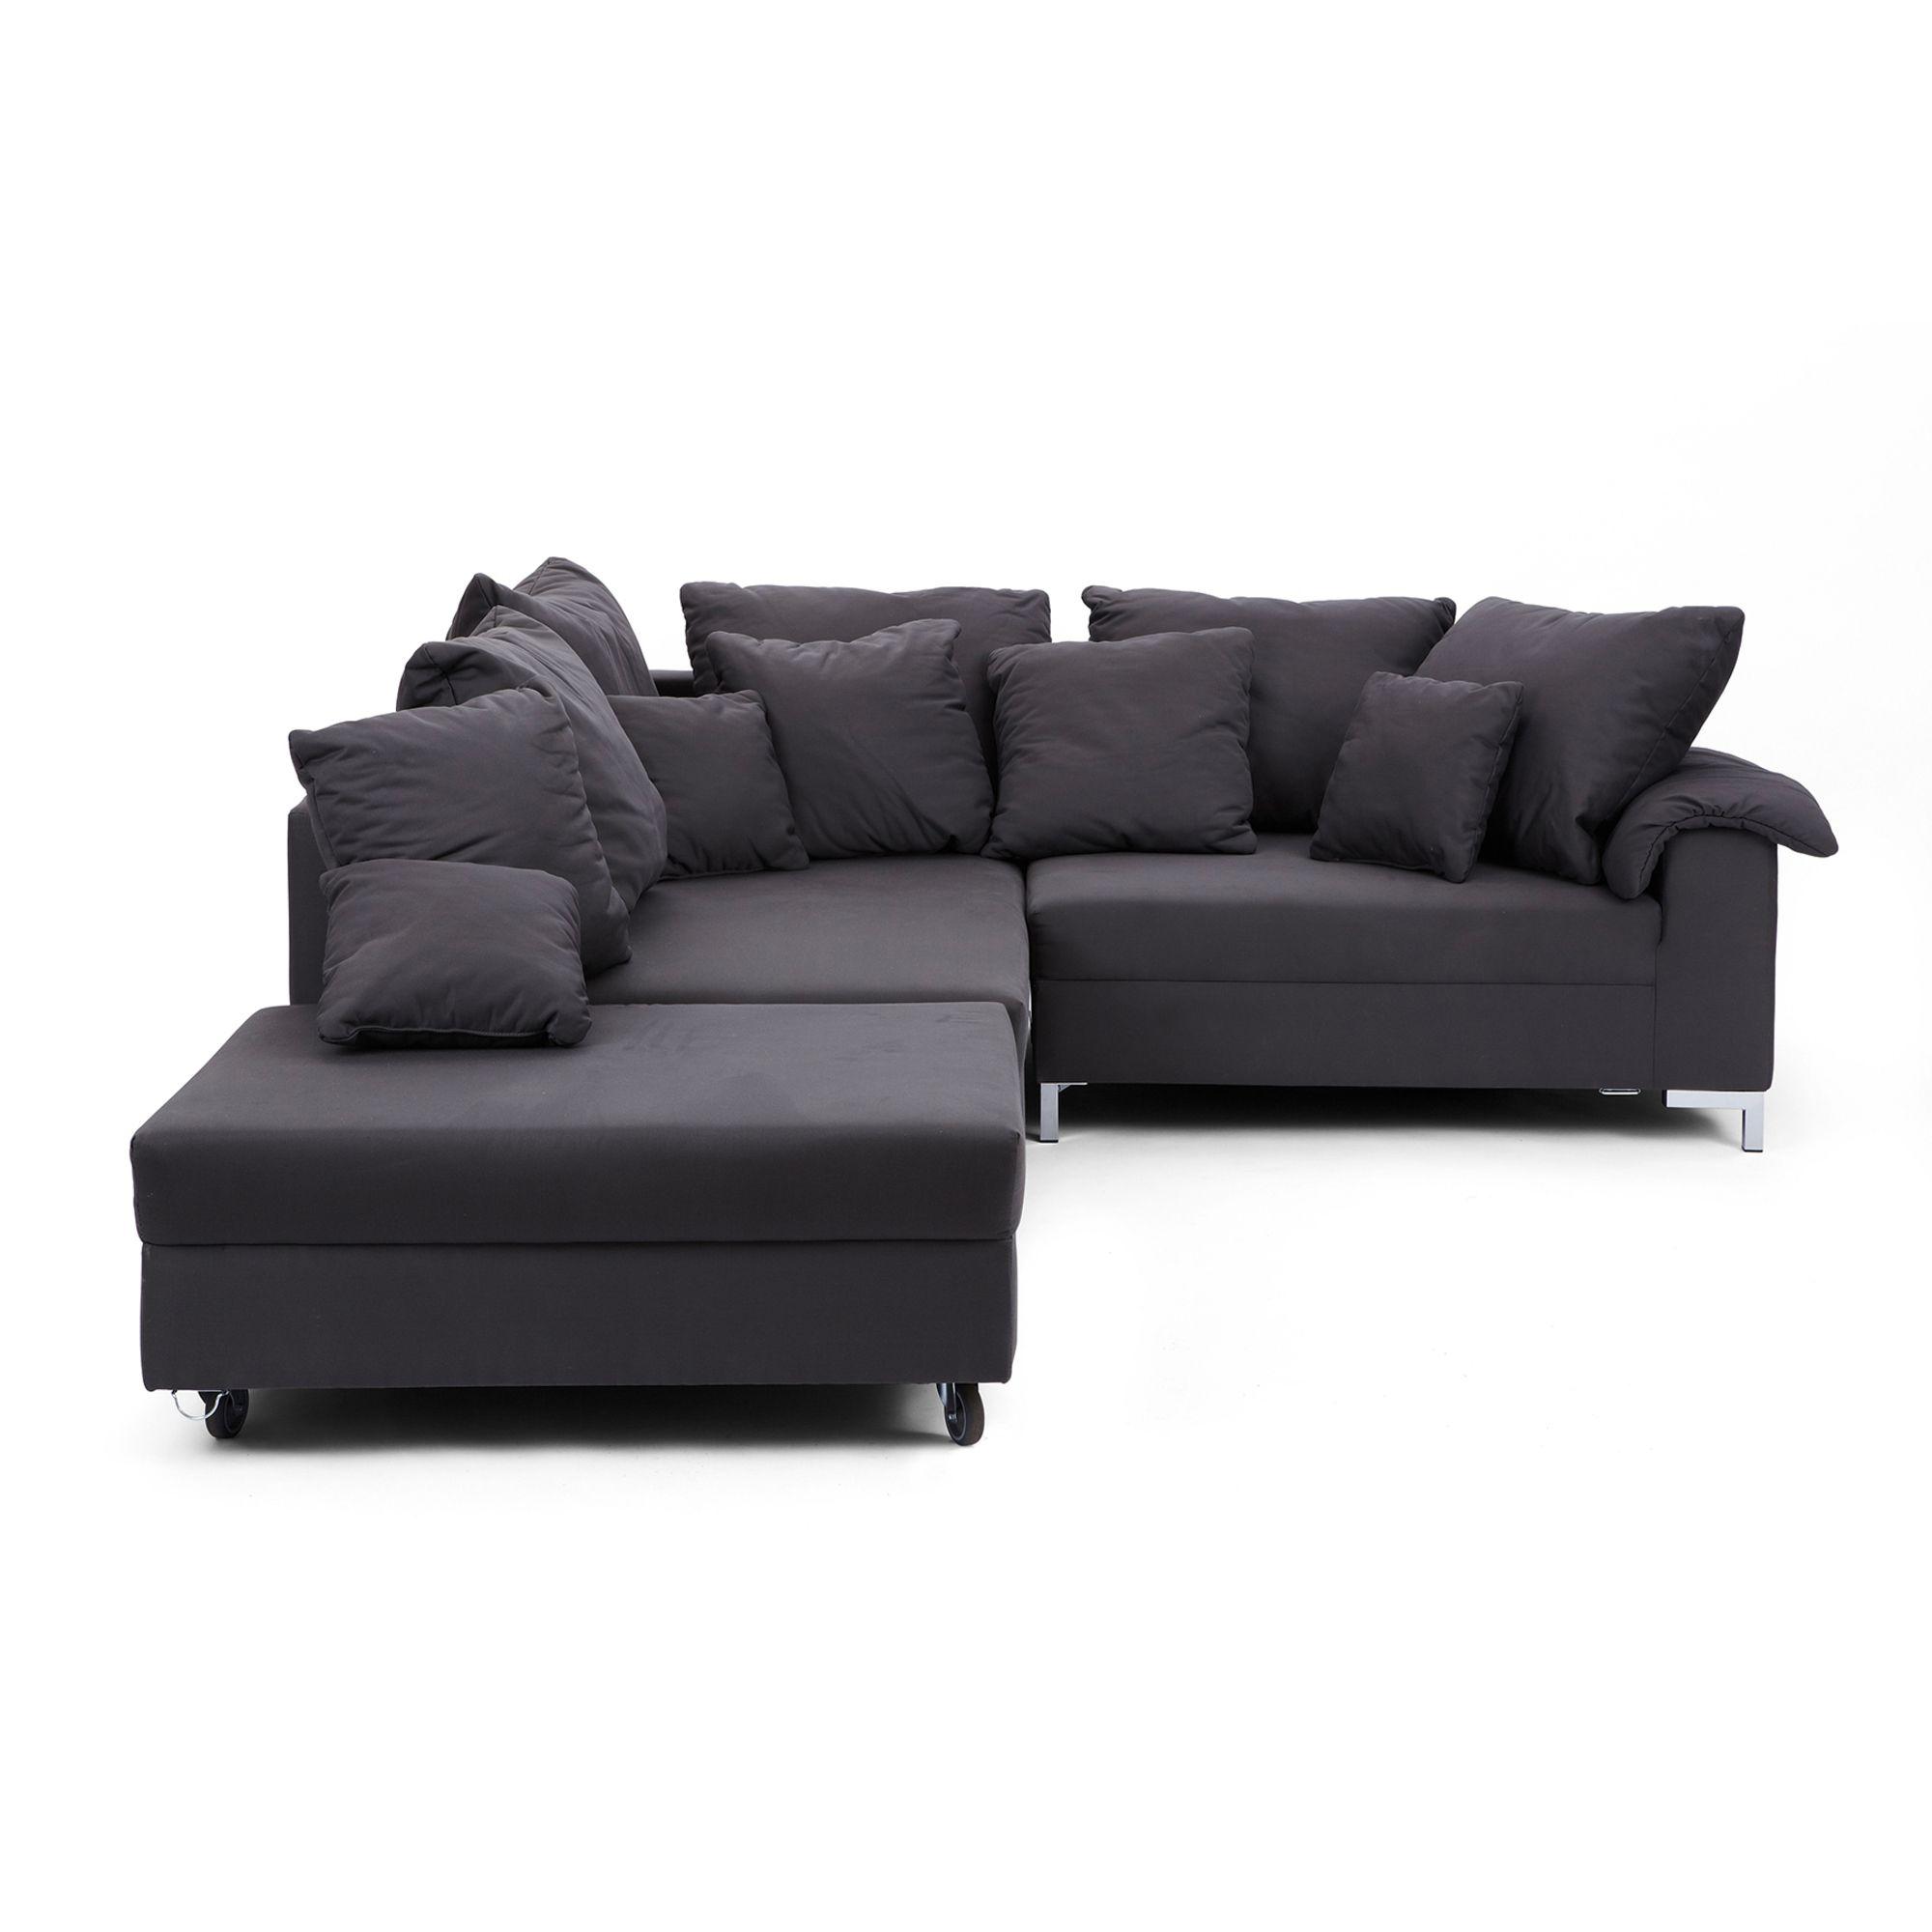 Eckcouch  Eckcouch | -couch- | Pinterest